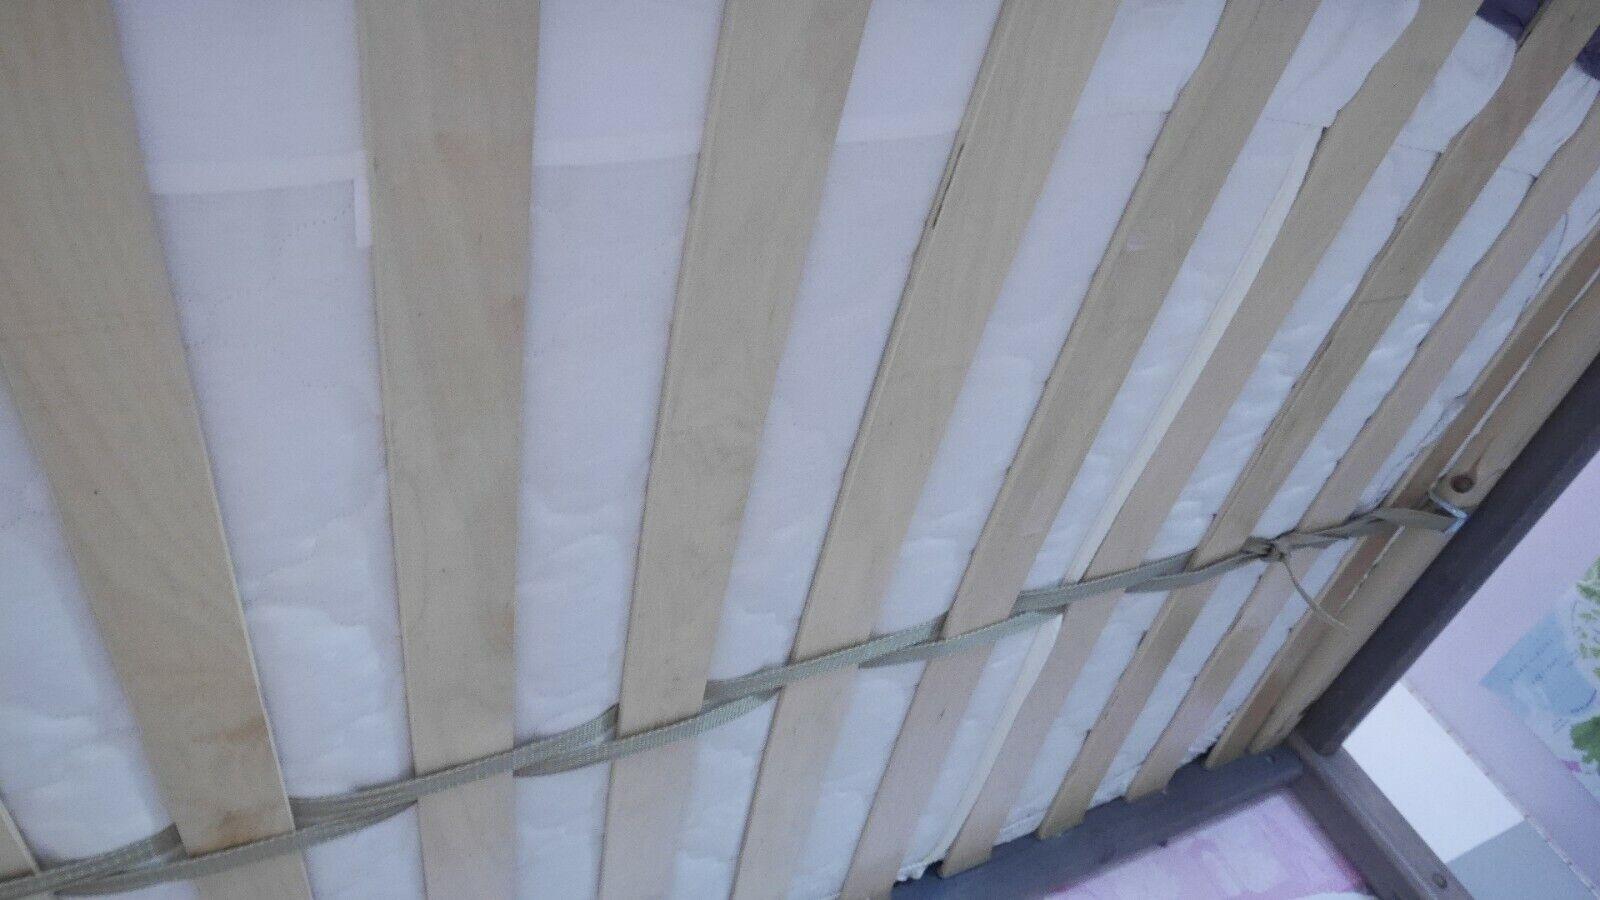 Lit mezzanine flexa terra avec échelle inclinée